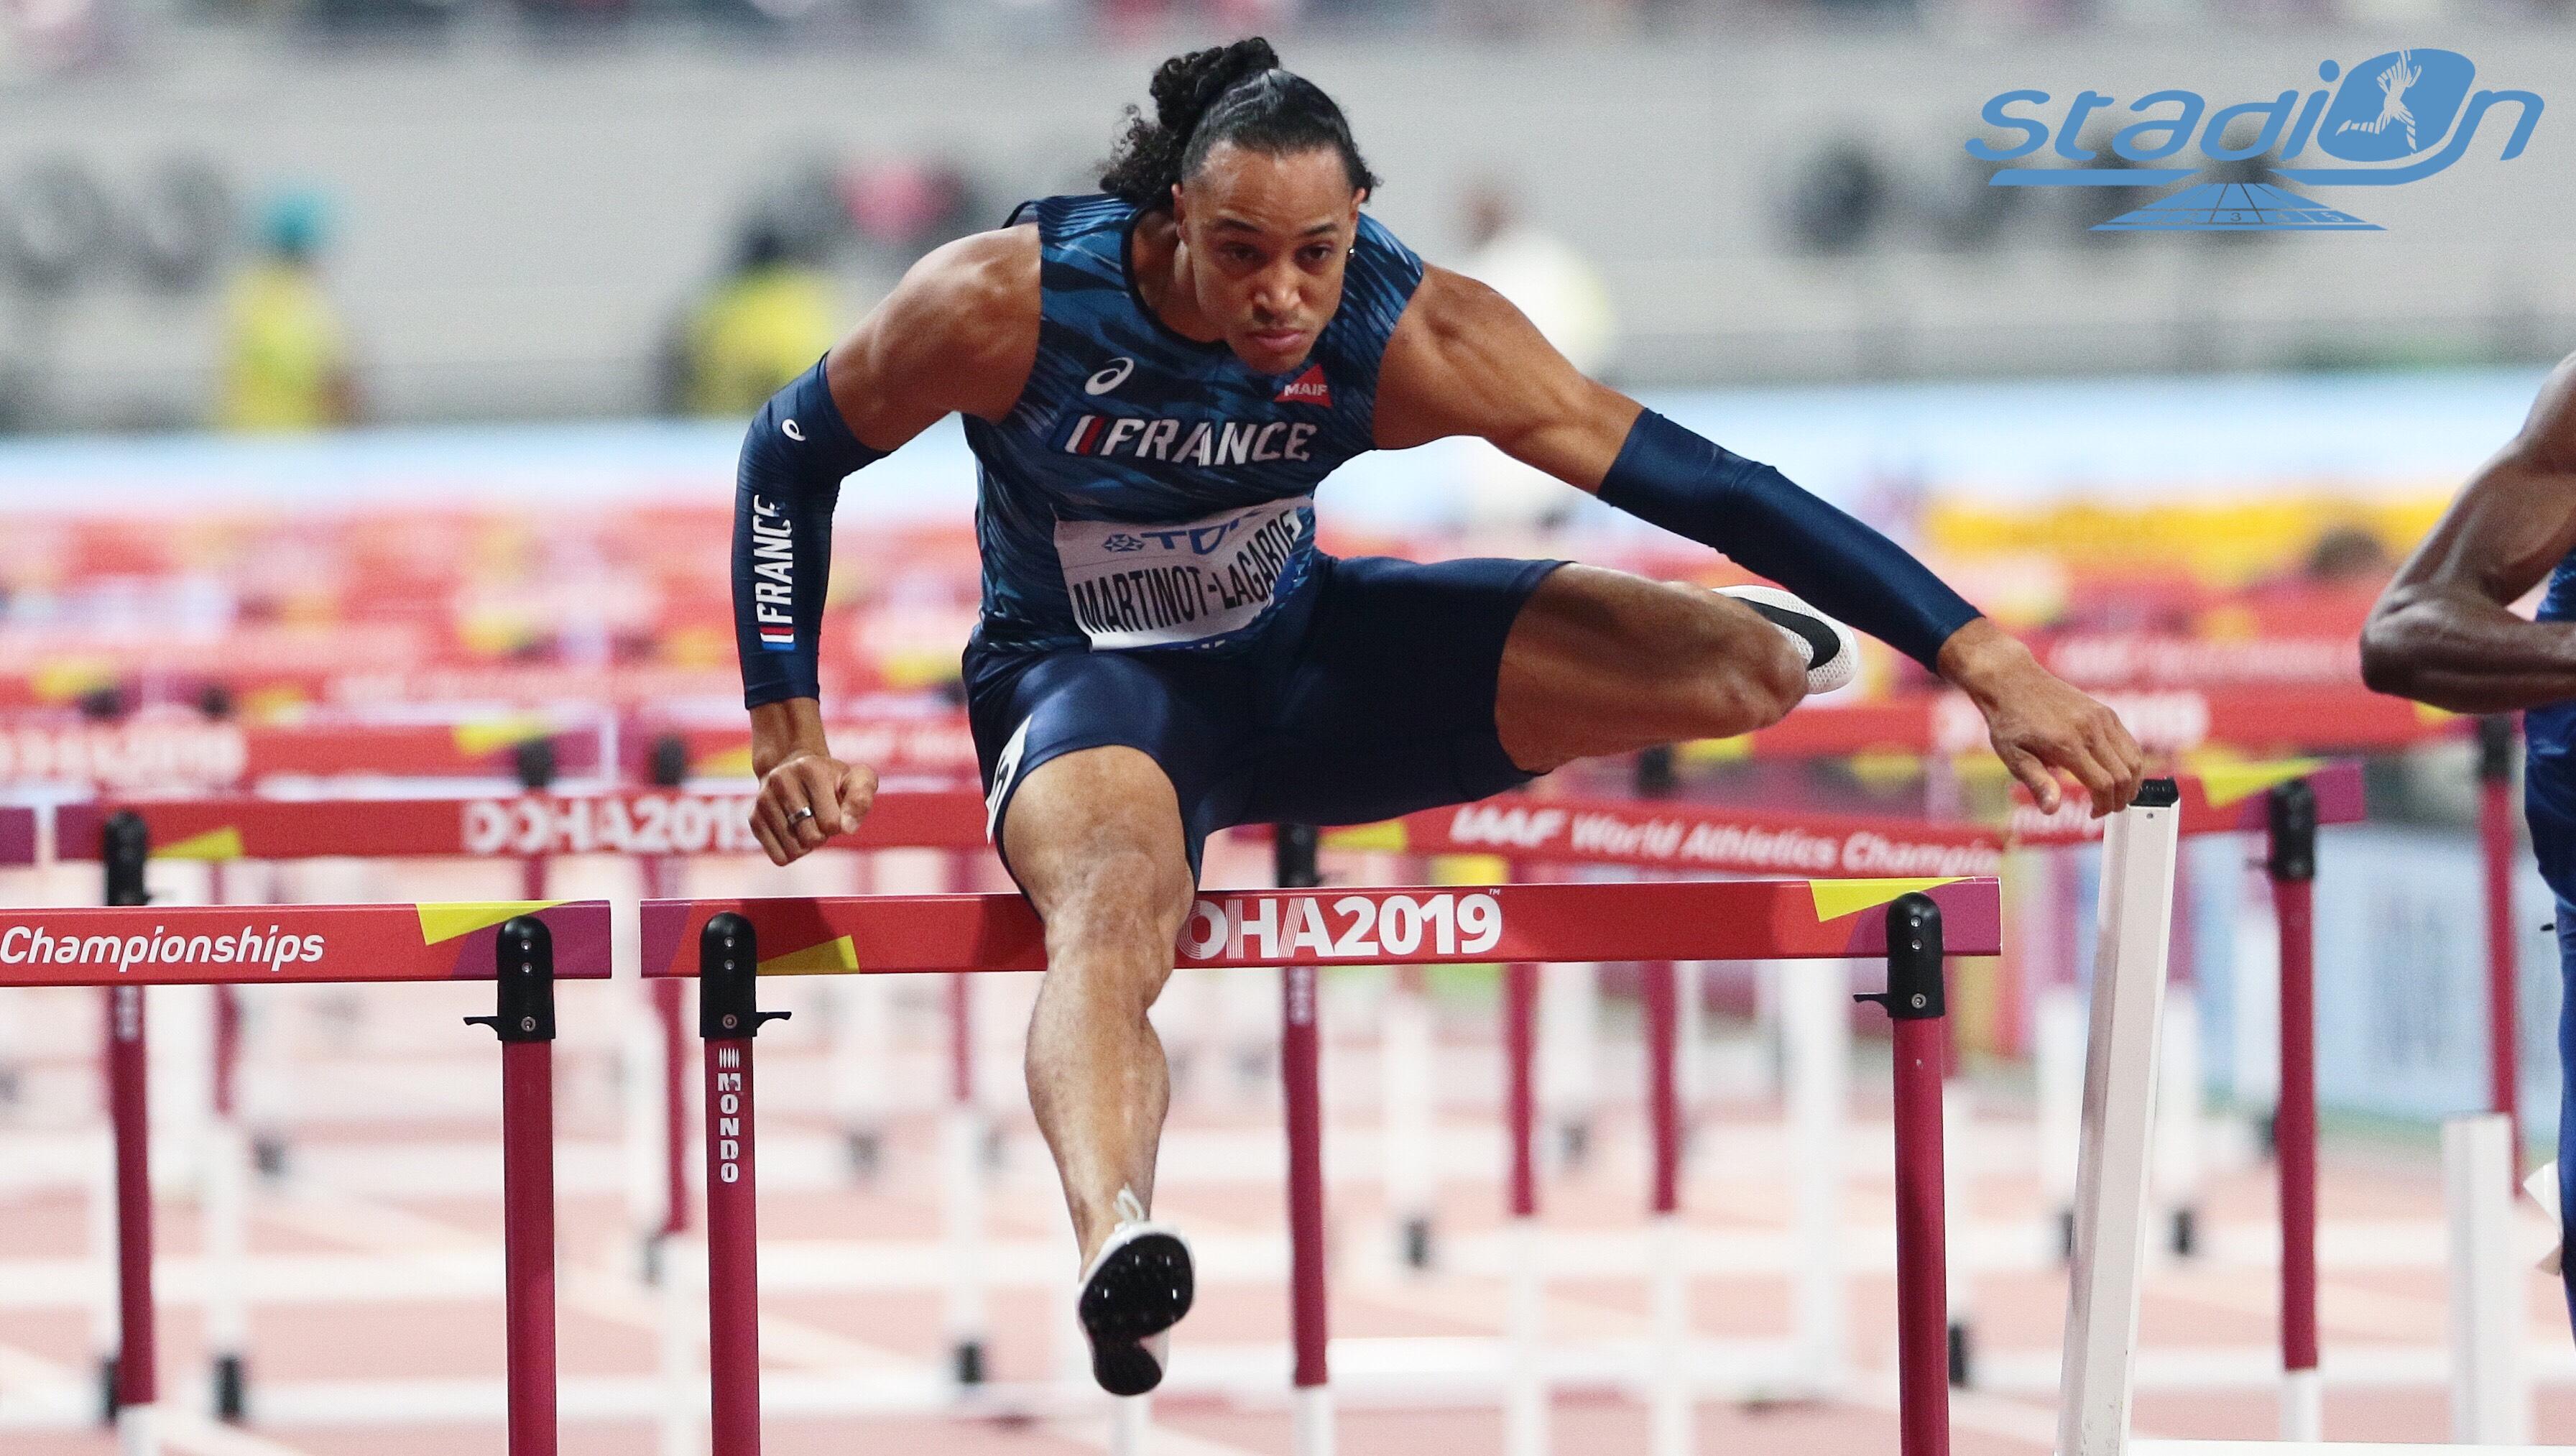 L'athlétisme de retour sur la chaîne L'Équipe